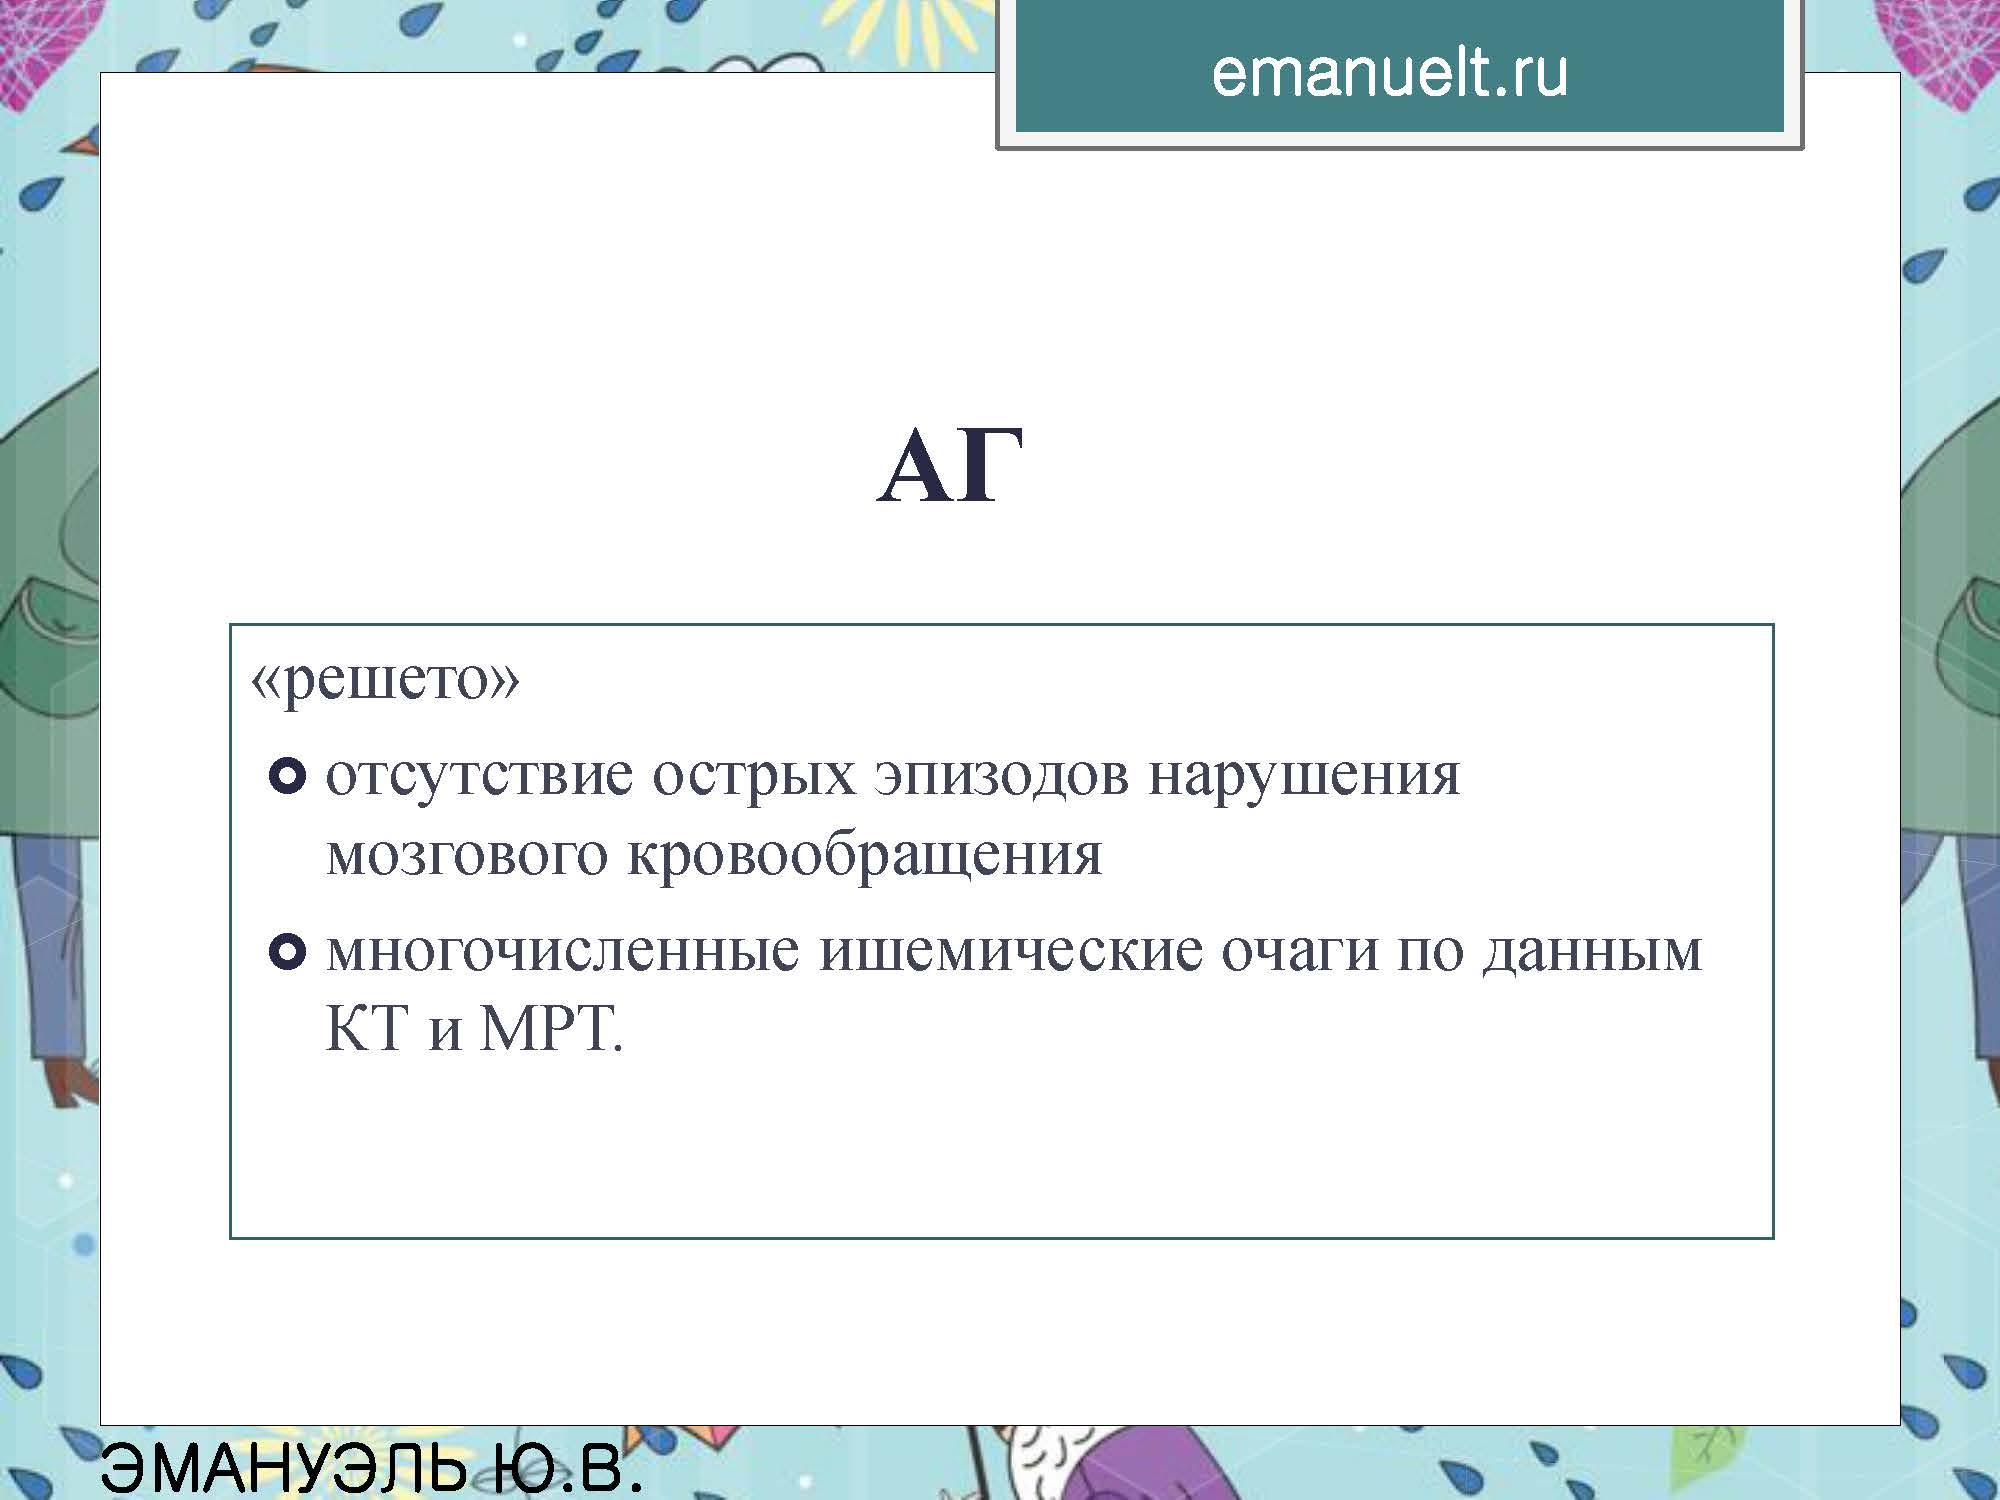 Секция 8. ЭЮВ. СПбГМУ.  26.03_Страница_15